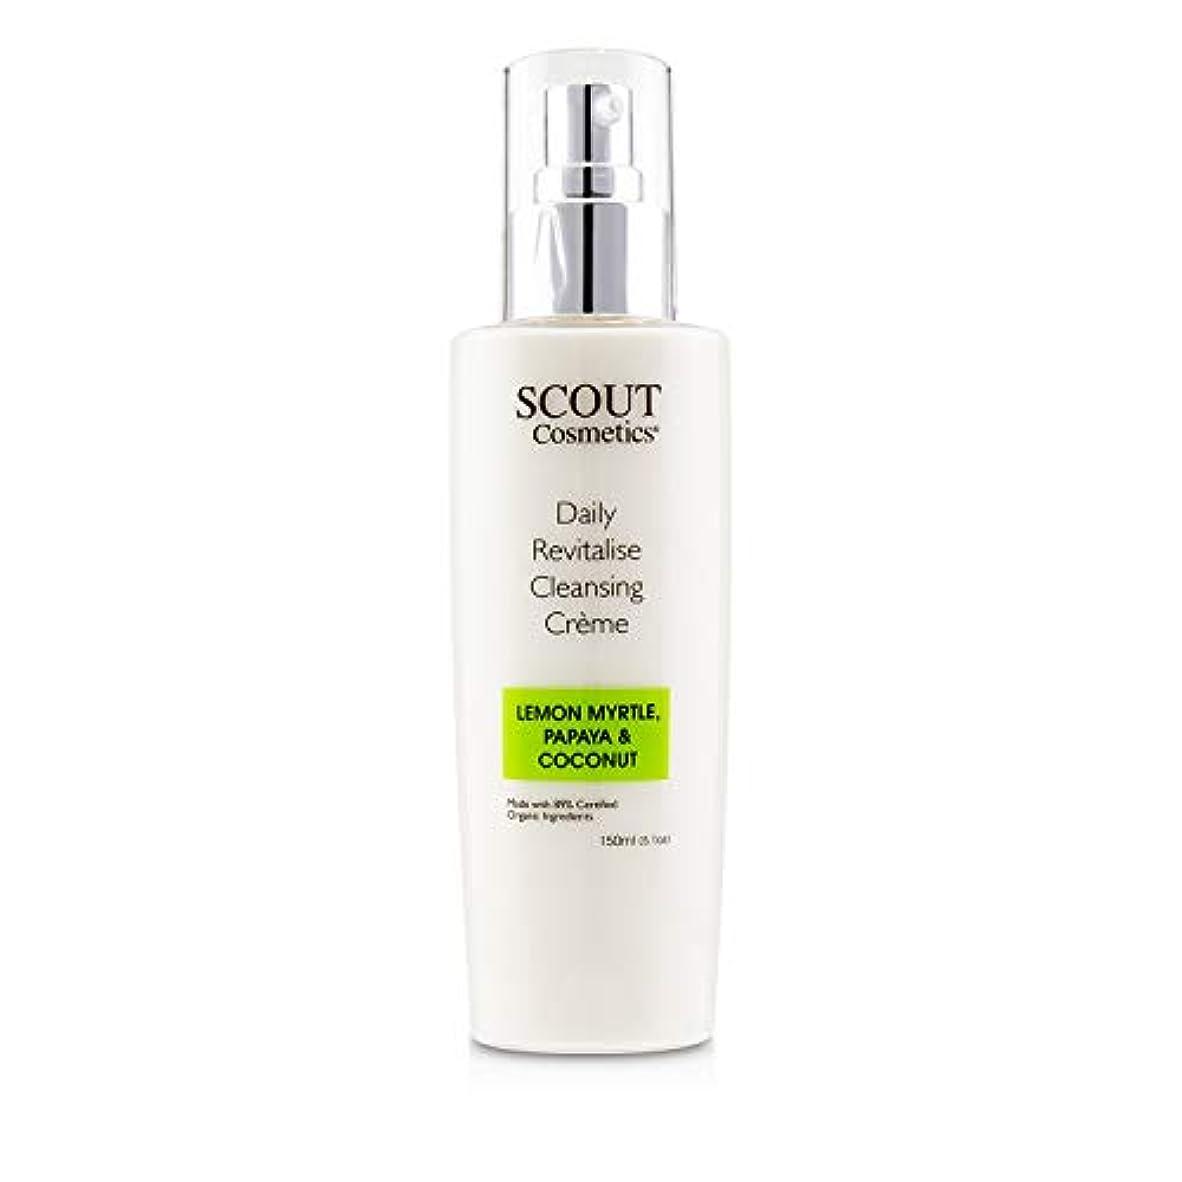 バーチャル打倒乱気流SCOUT Cosmetics Daily Revitalise Cleansing Creme with Lemon Myrtle, Papaya & Coconut 150ml/5.1oz並行輸入品